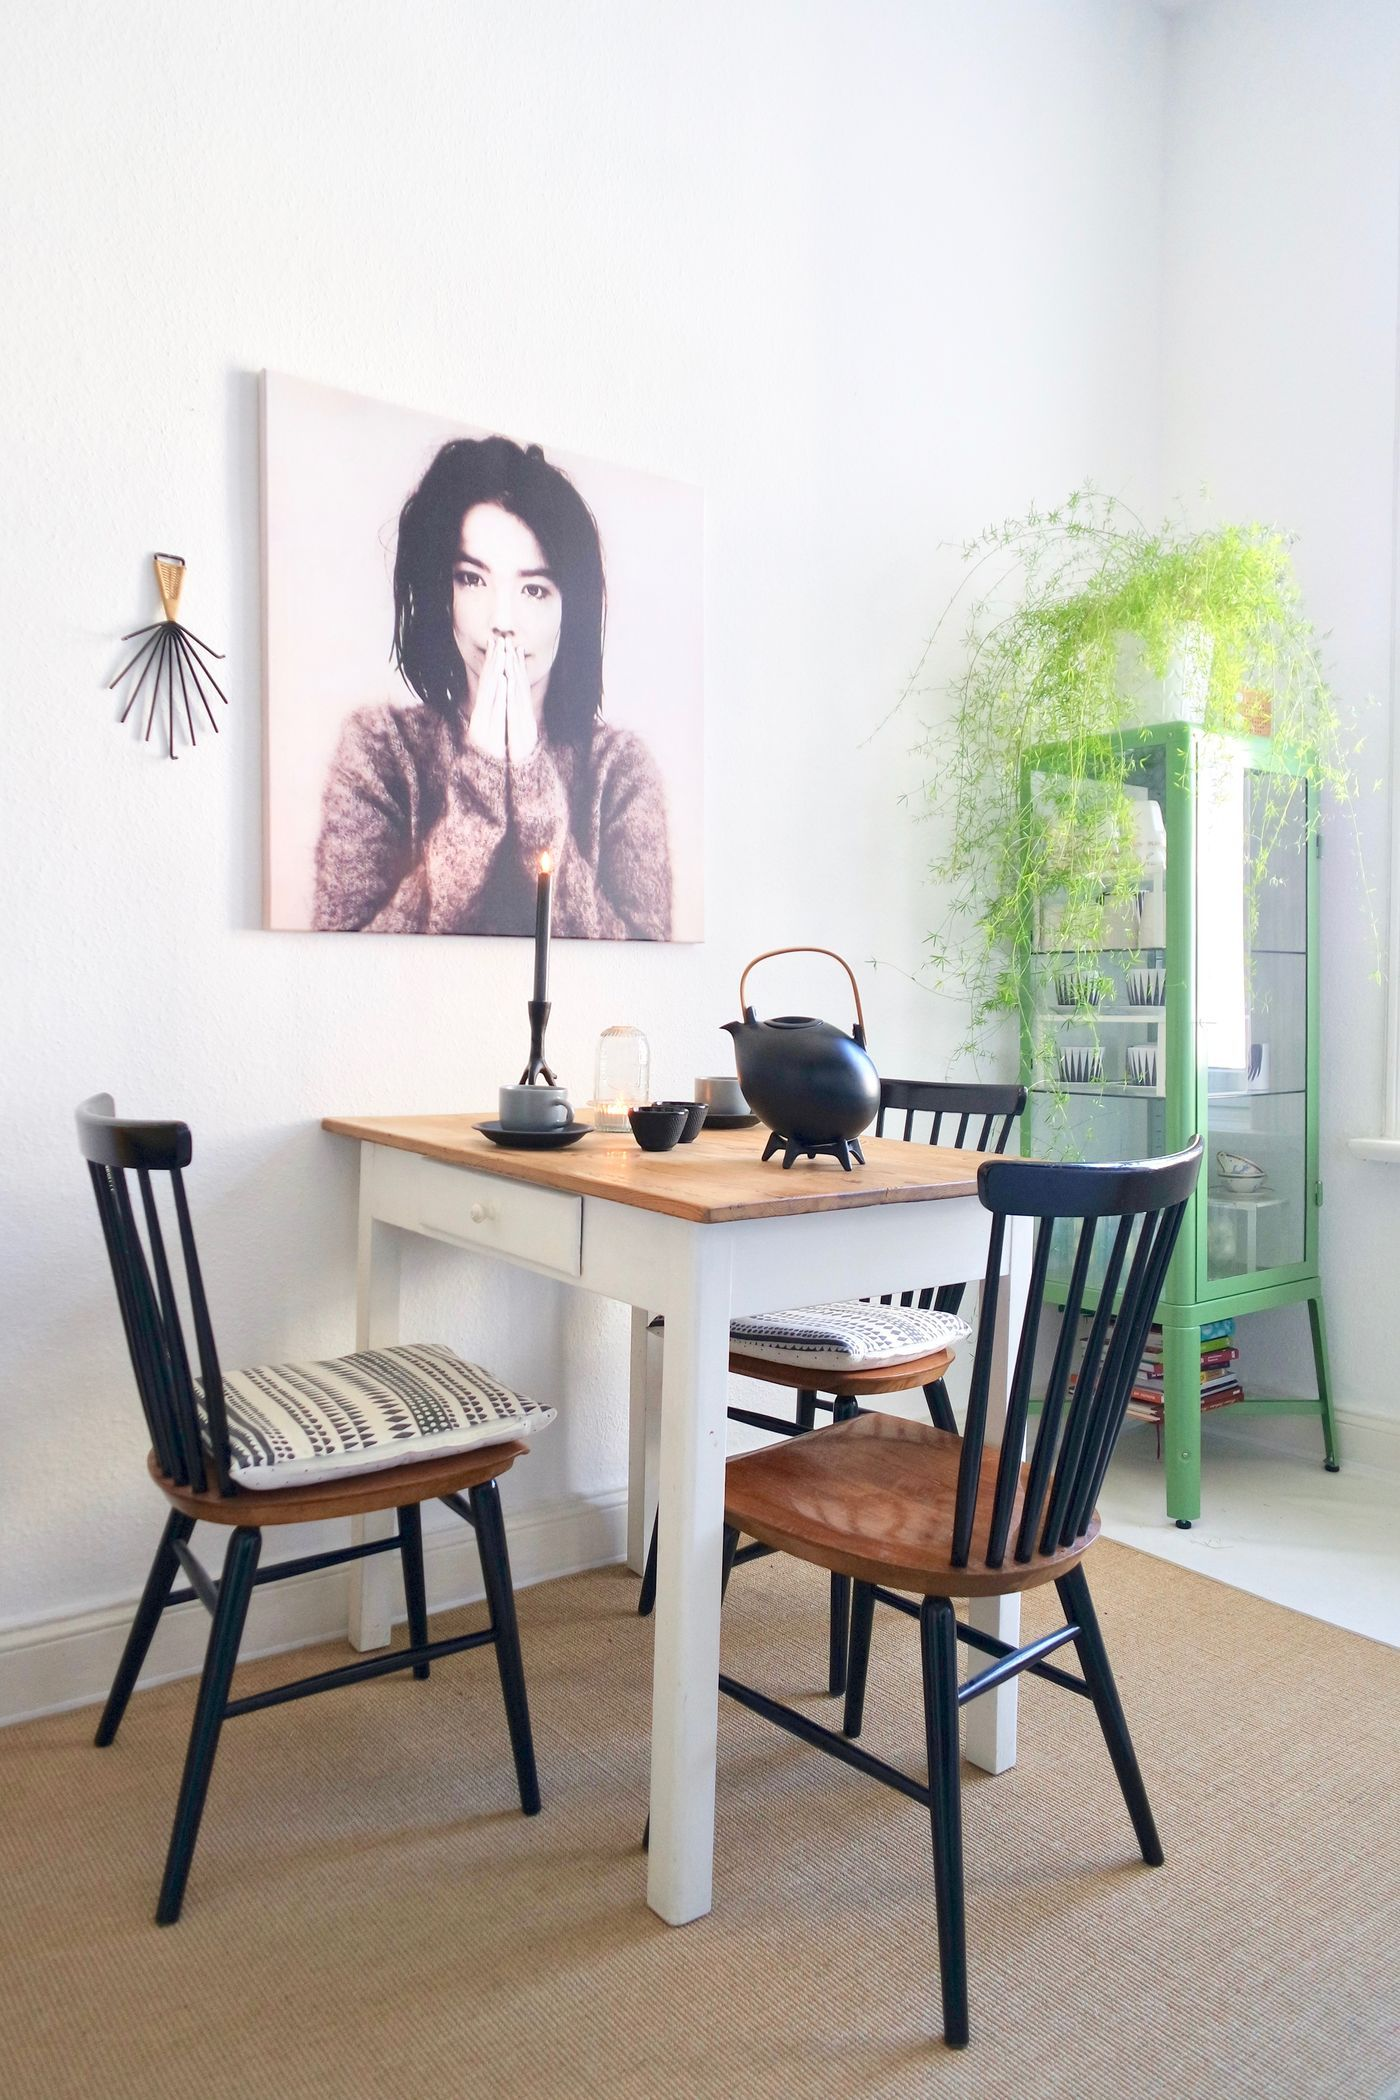 welche farbe passt zu mint pastell wandfarben zart und tor tr fenster und flur alles in grn. Black Bedroom Furniture Sets. Home Design Ideas